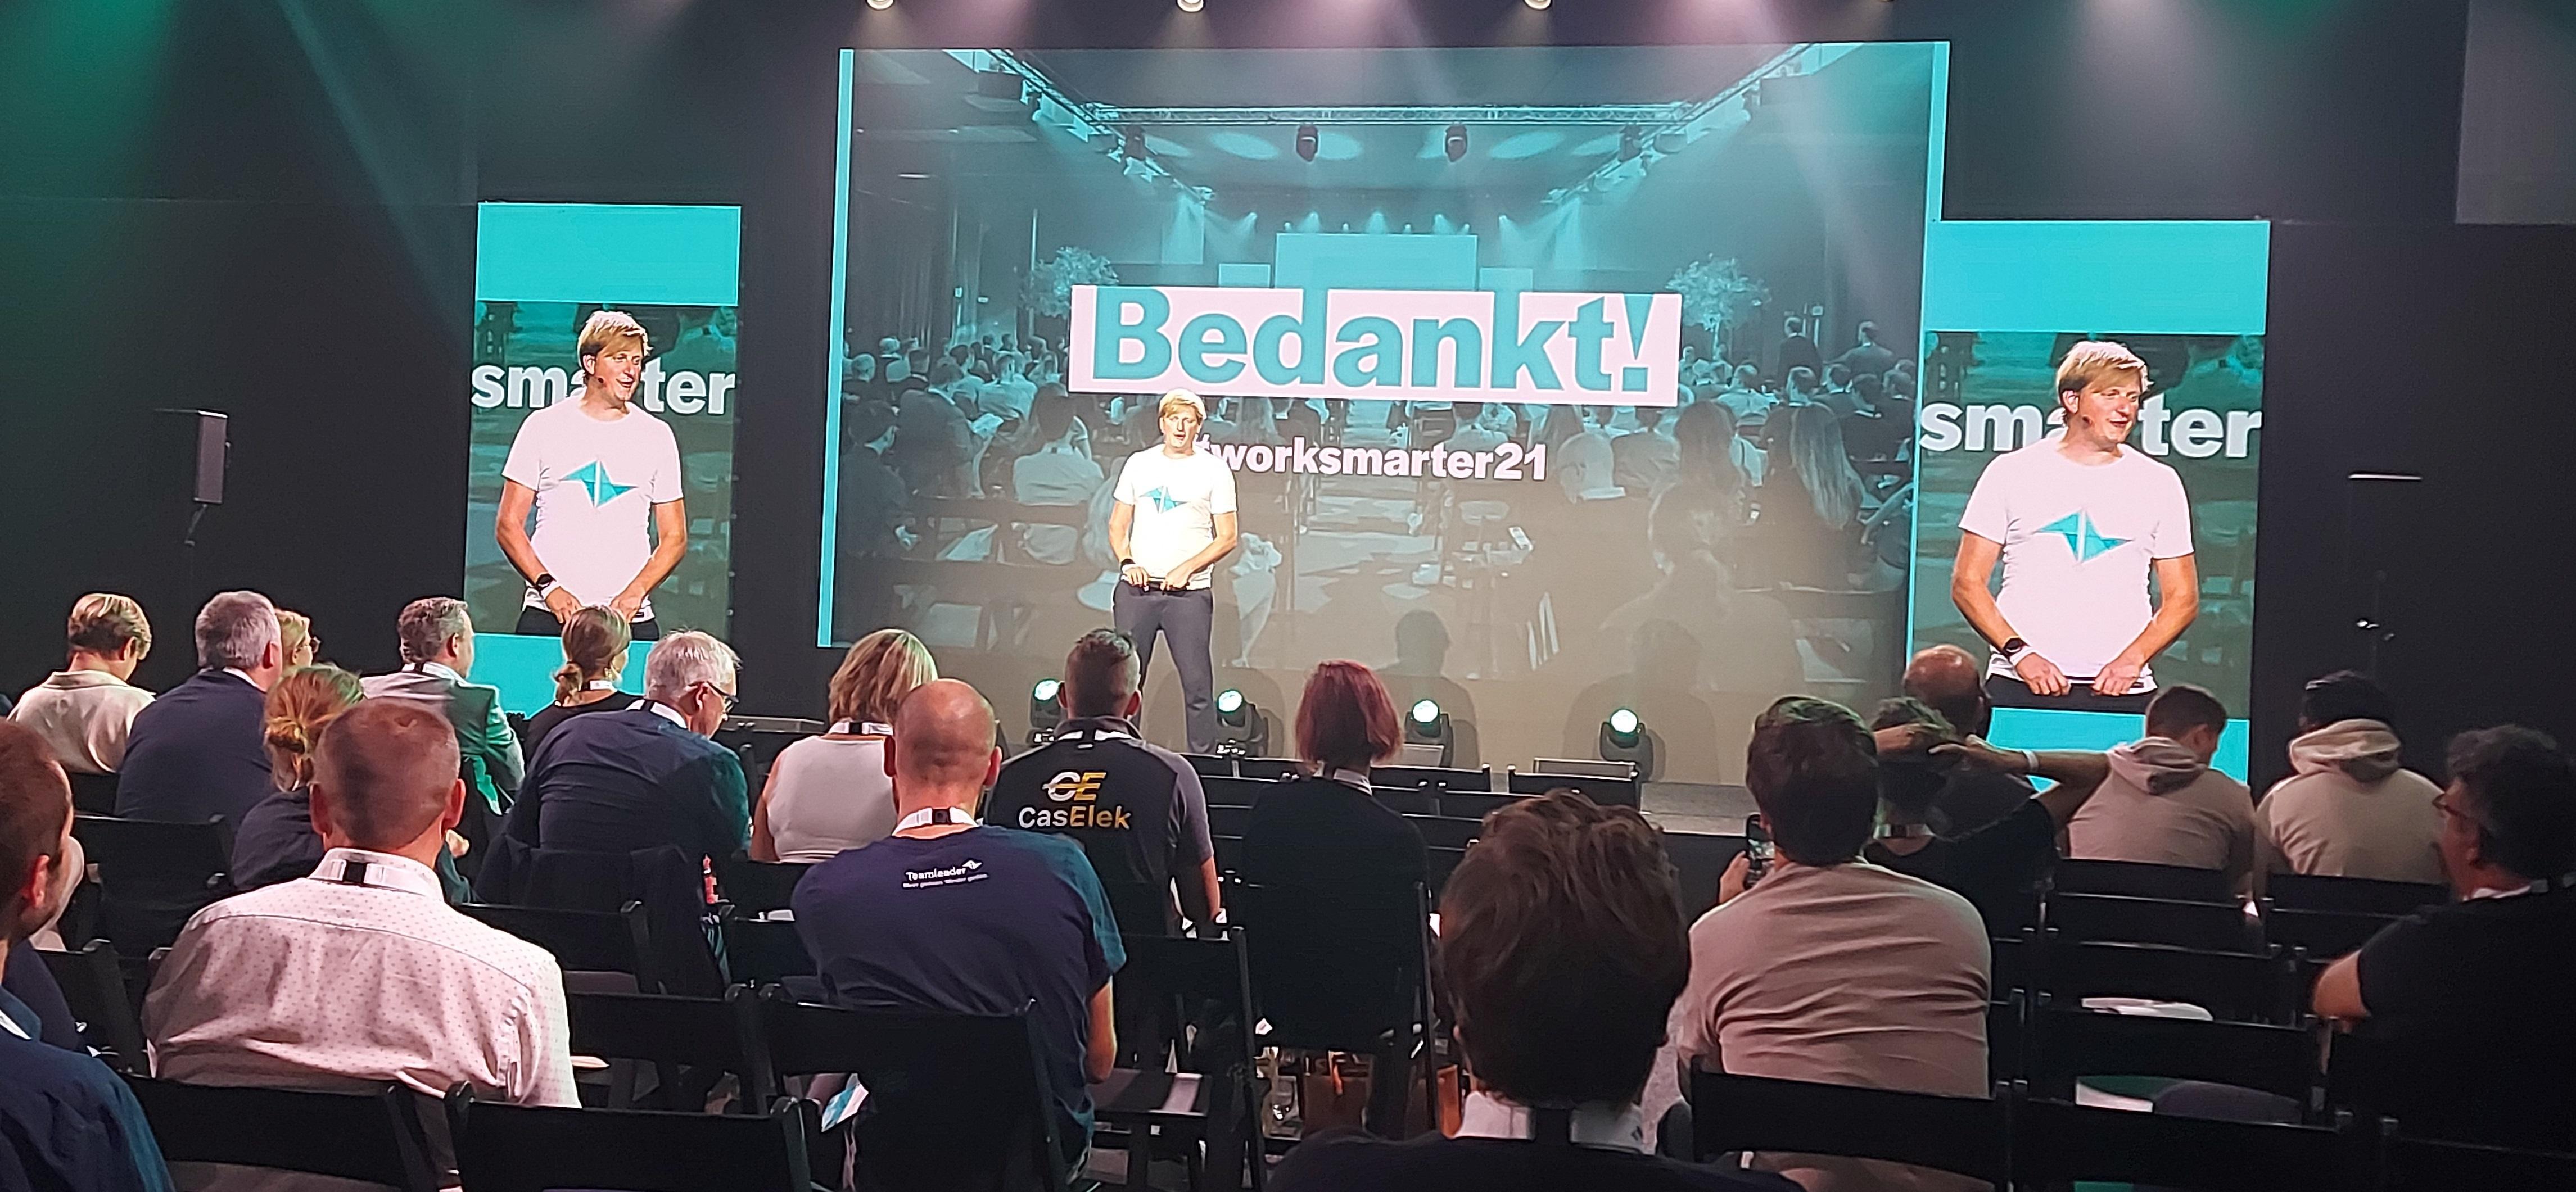 CEO Jeroen De Wit from Teamleader on Work Smarter